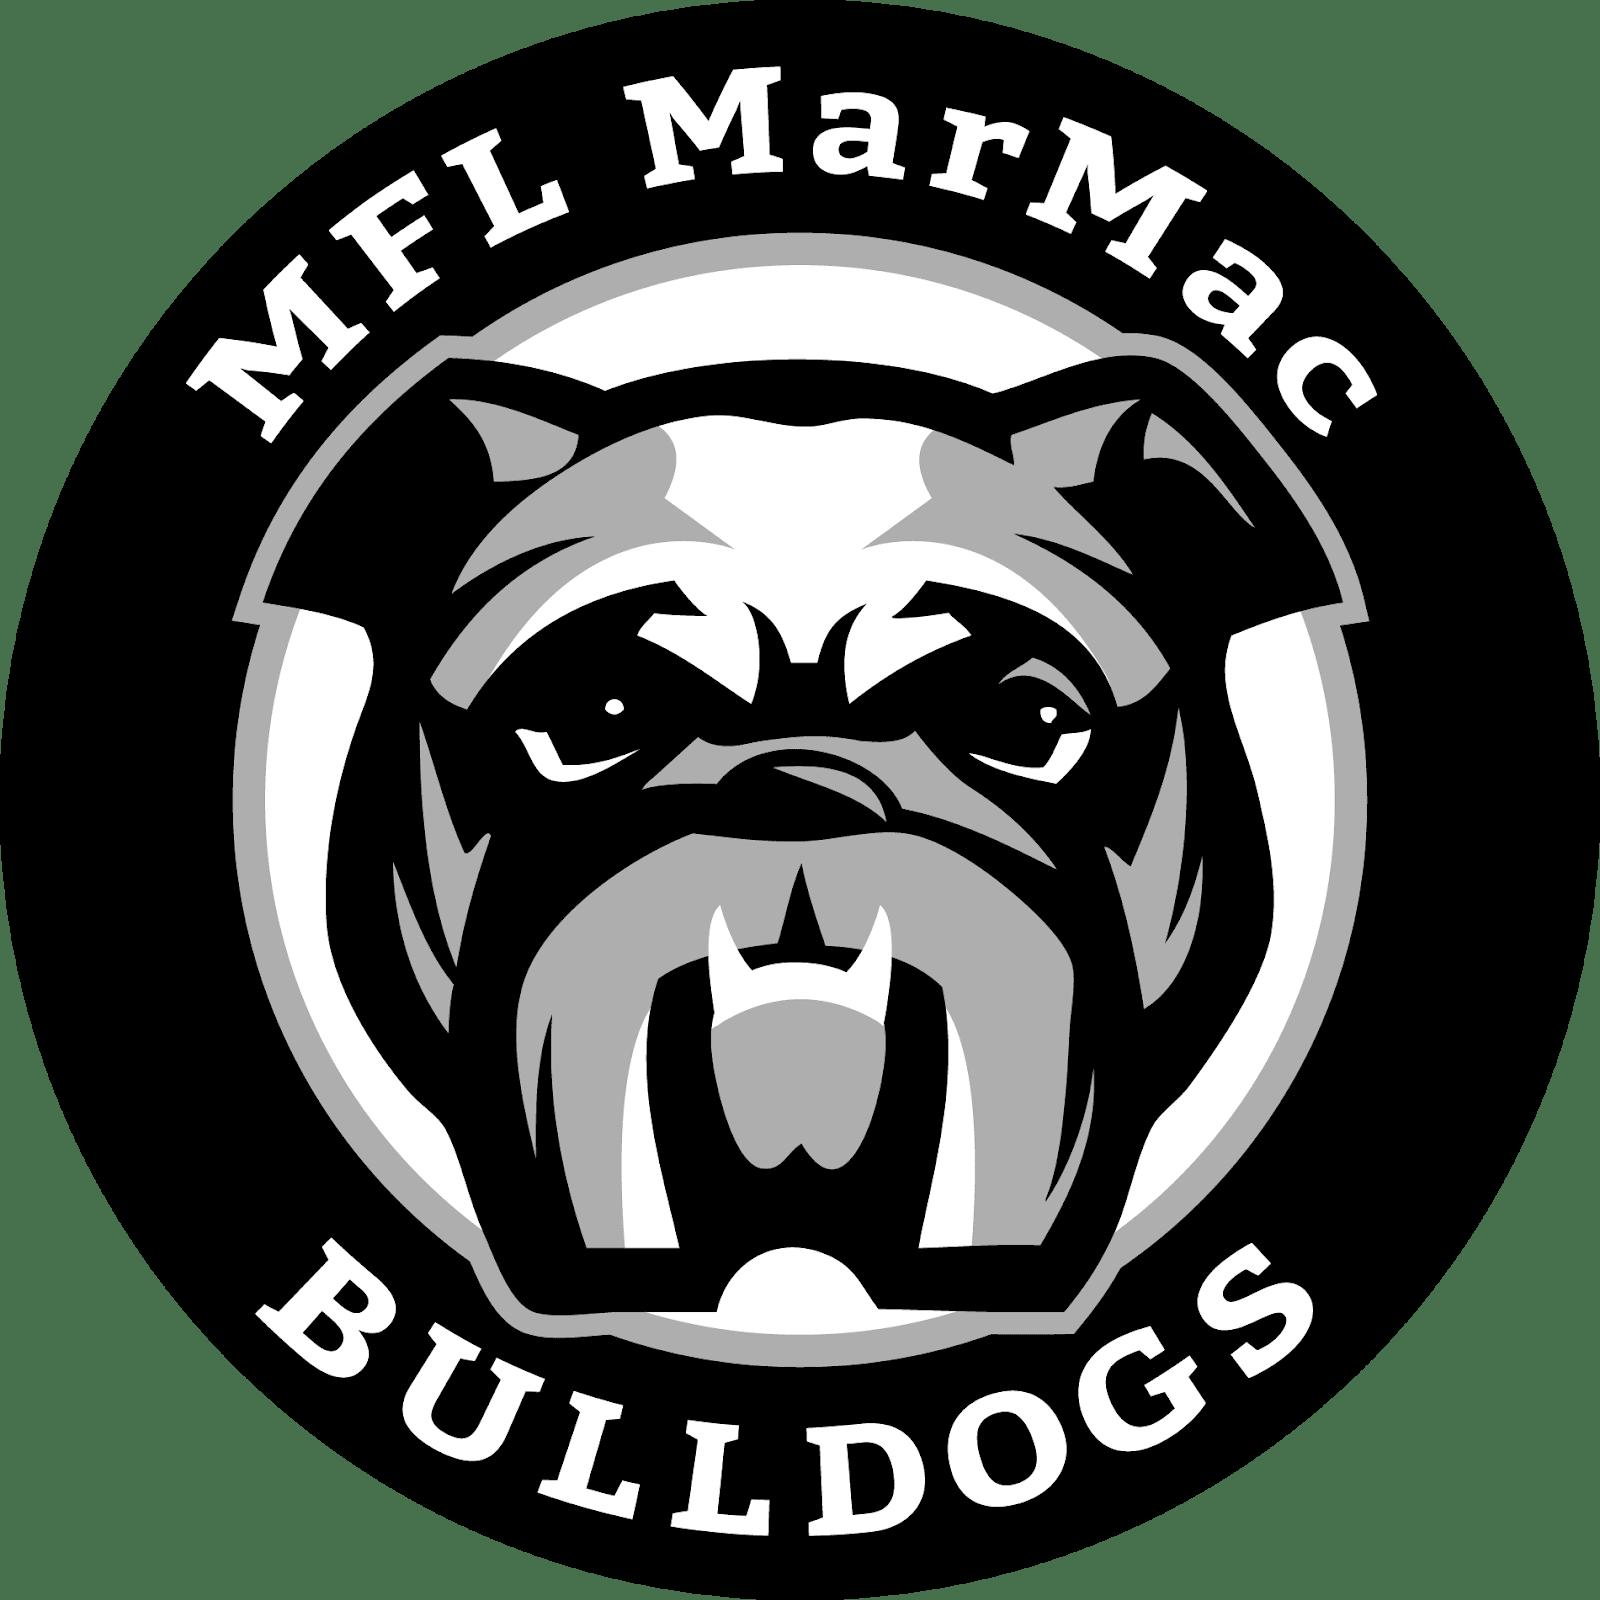 Grayscale MFL MarMac Logo